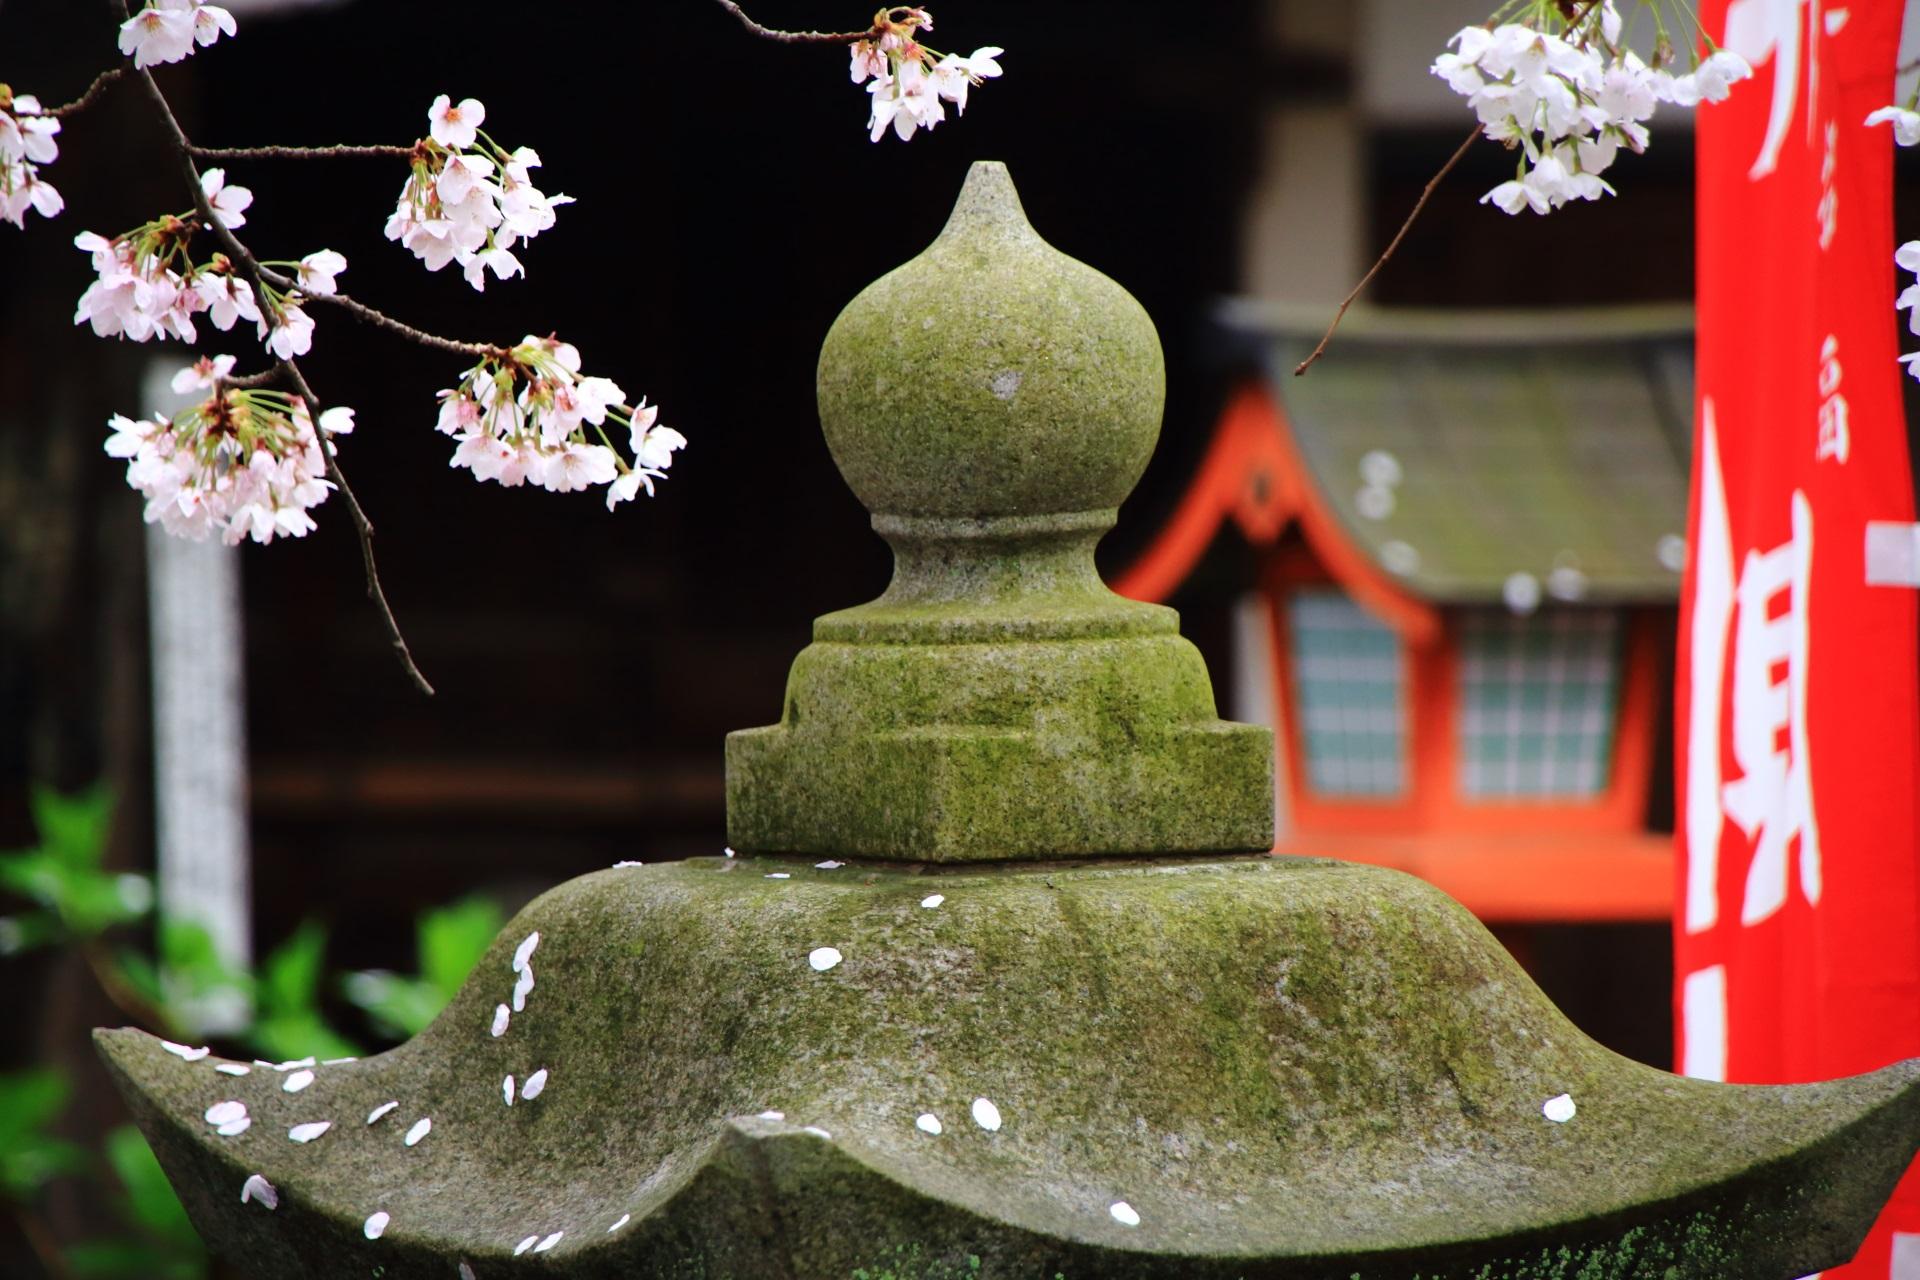 花びらの散った燈籠と桜